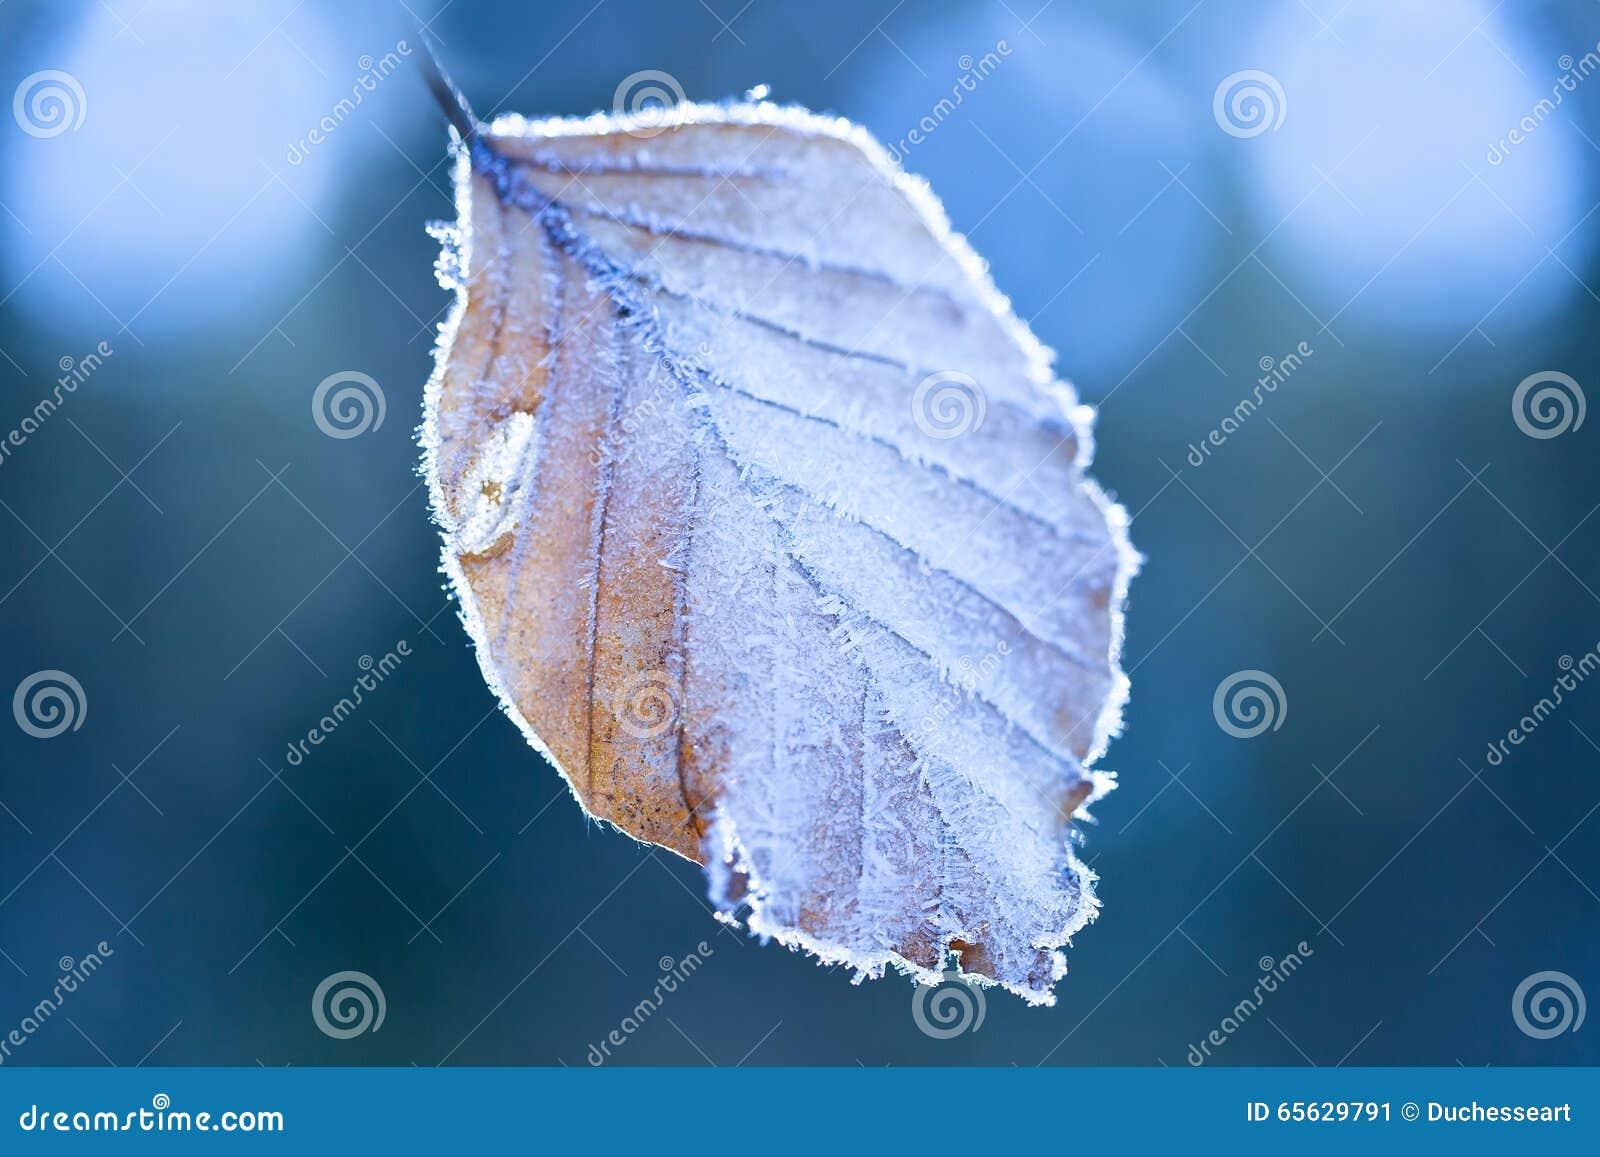 Lames couvertes de gelée